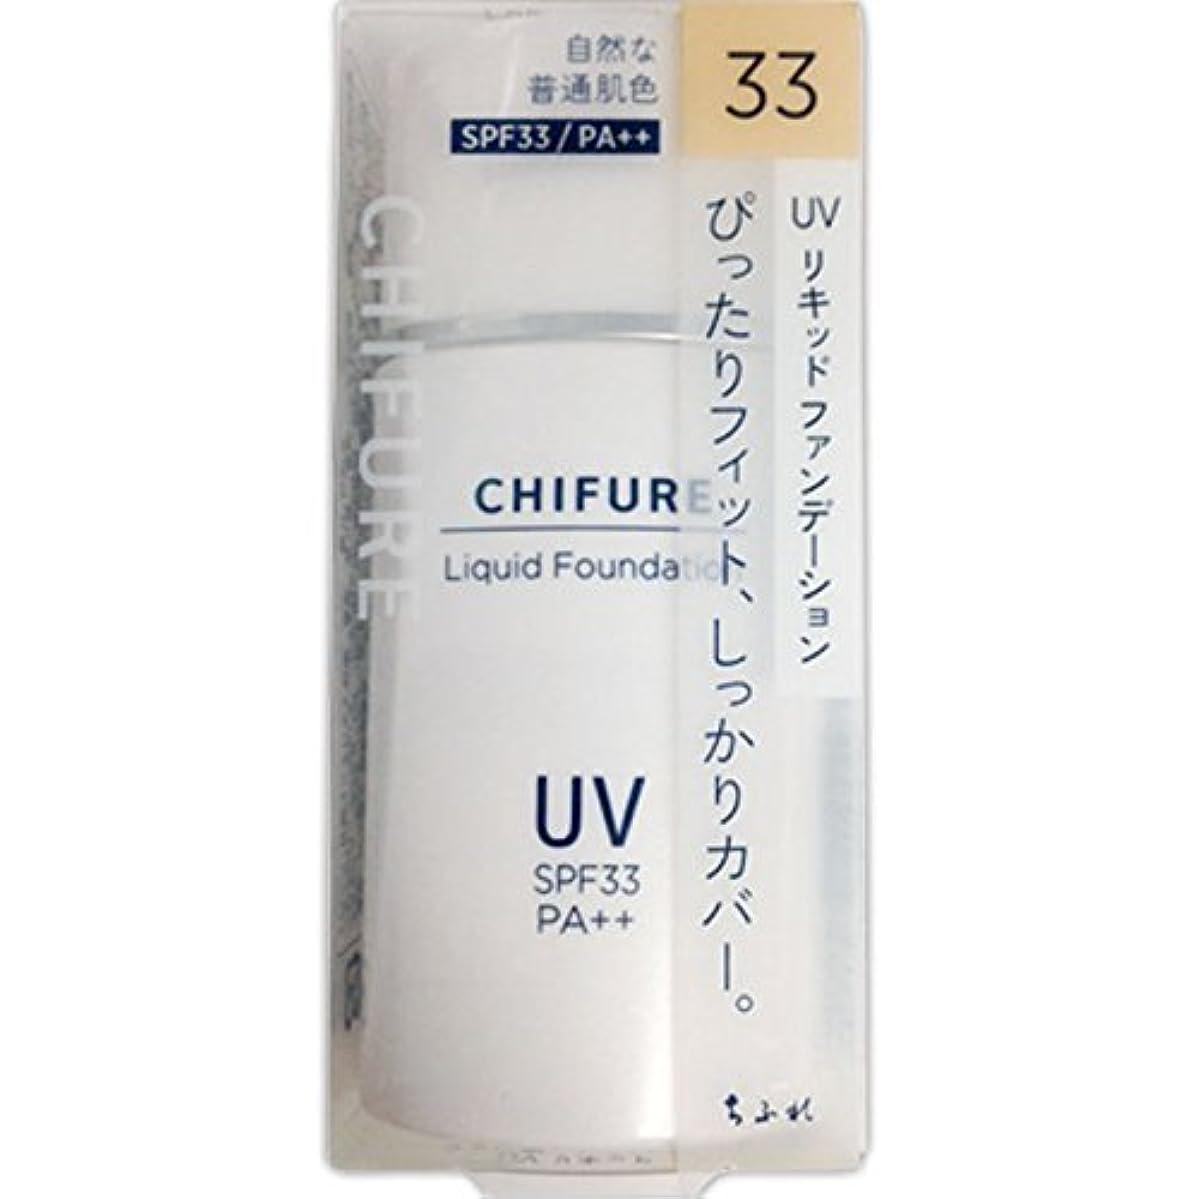 セラー州ソーダ水ちふれ化粧品 UV リキッド ファンデーション 33 自然な普通肌色 30ML